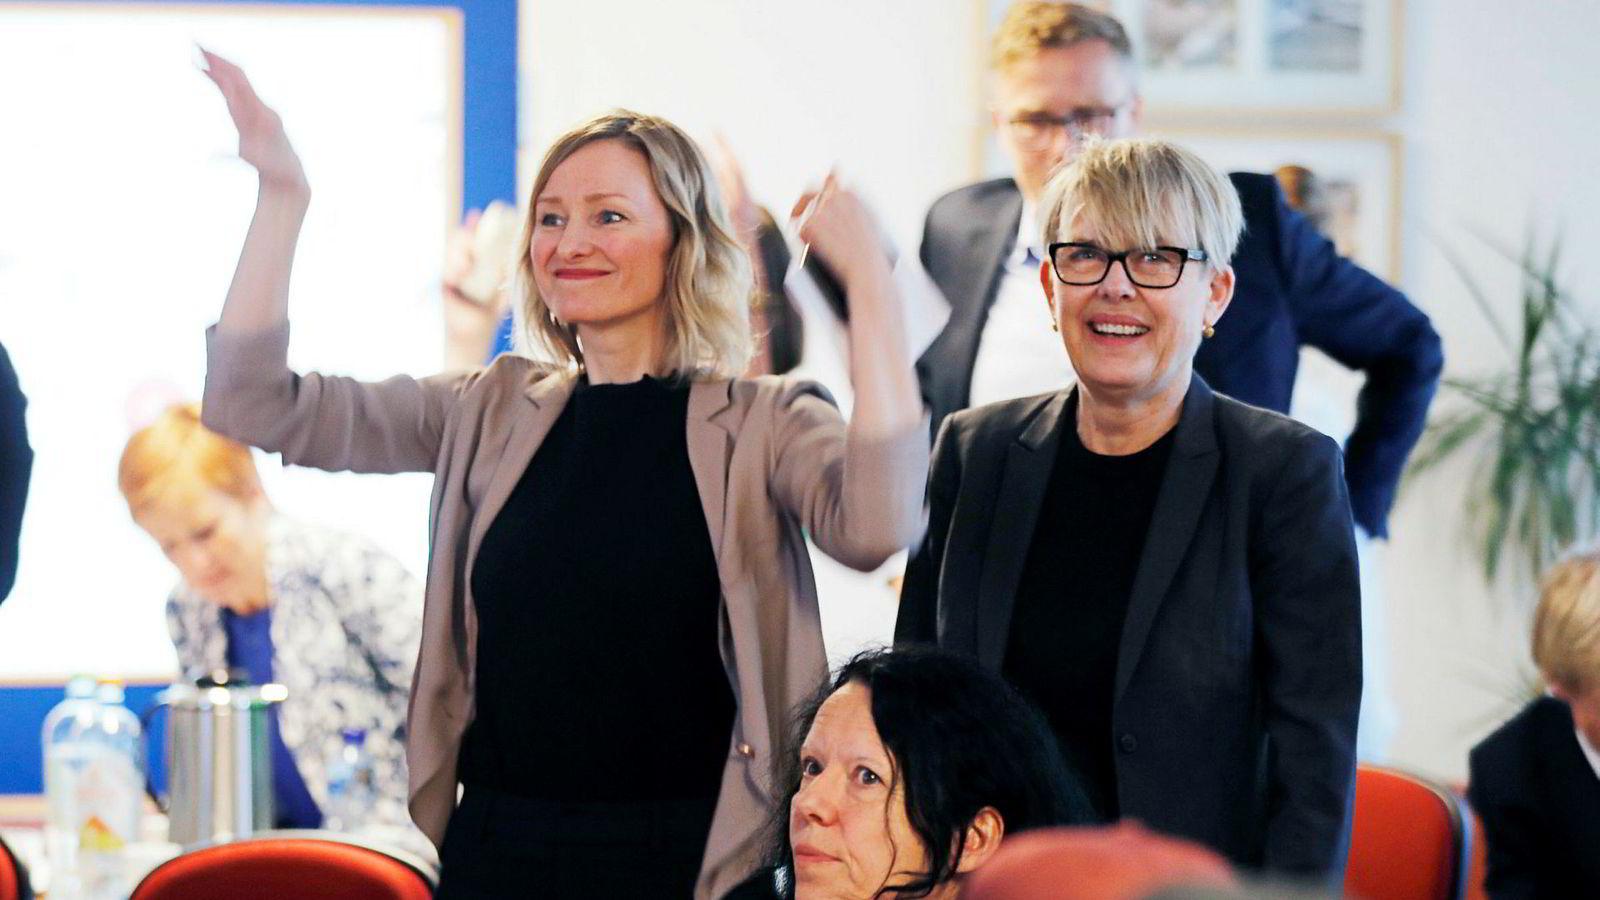 Byråd Inga Marte Thorkildsen (SV) (til venstre) fortsetter i sin stilling, mens Astrid Søgnen slutter som utdanningsdirektør.